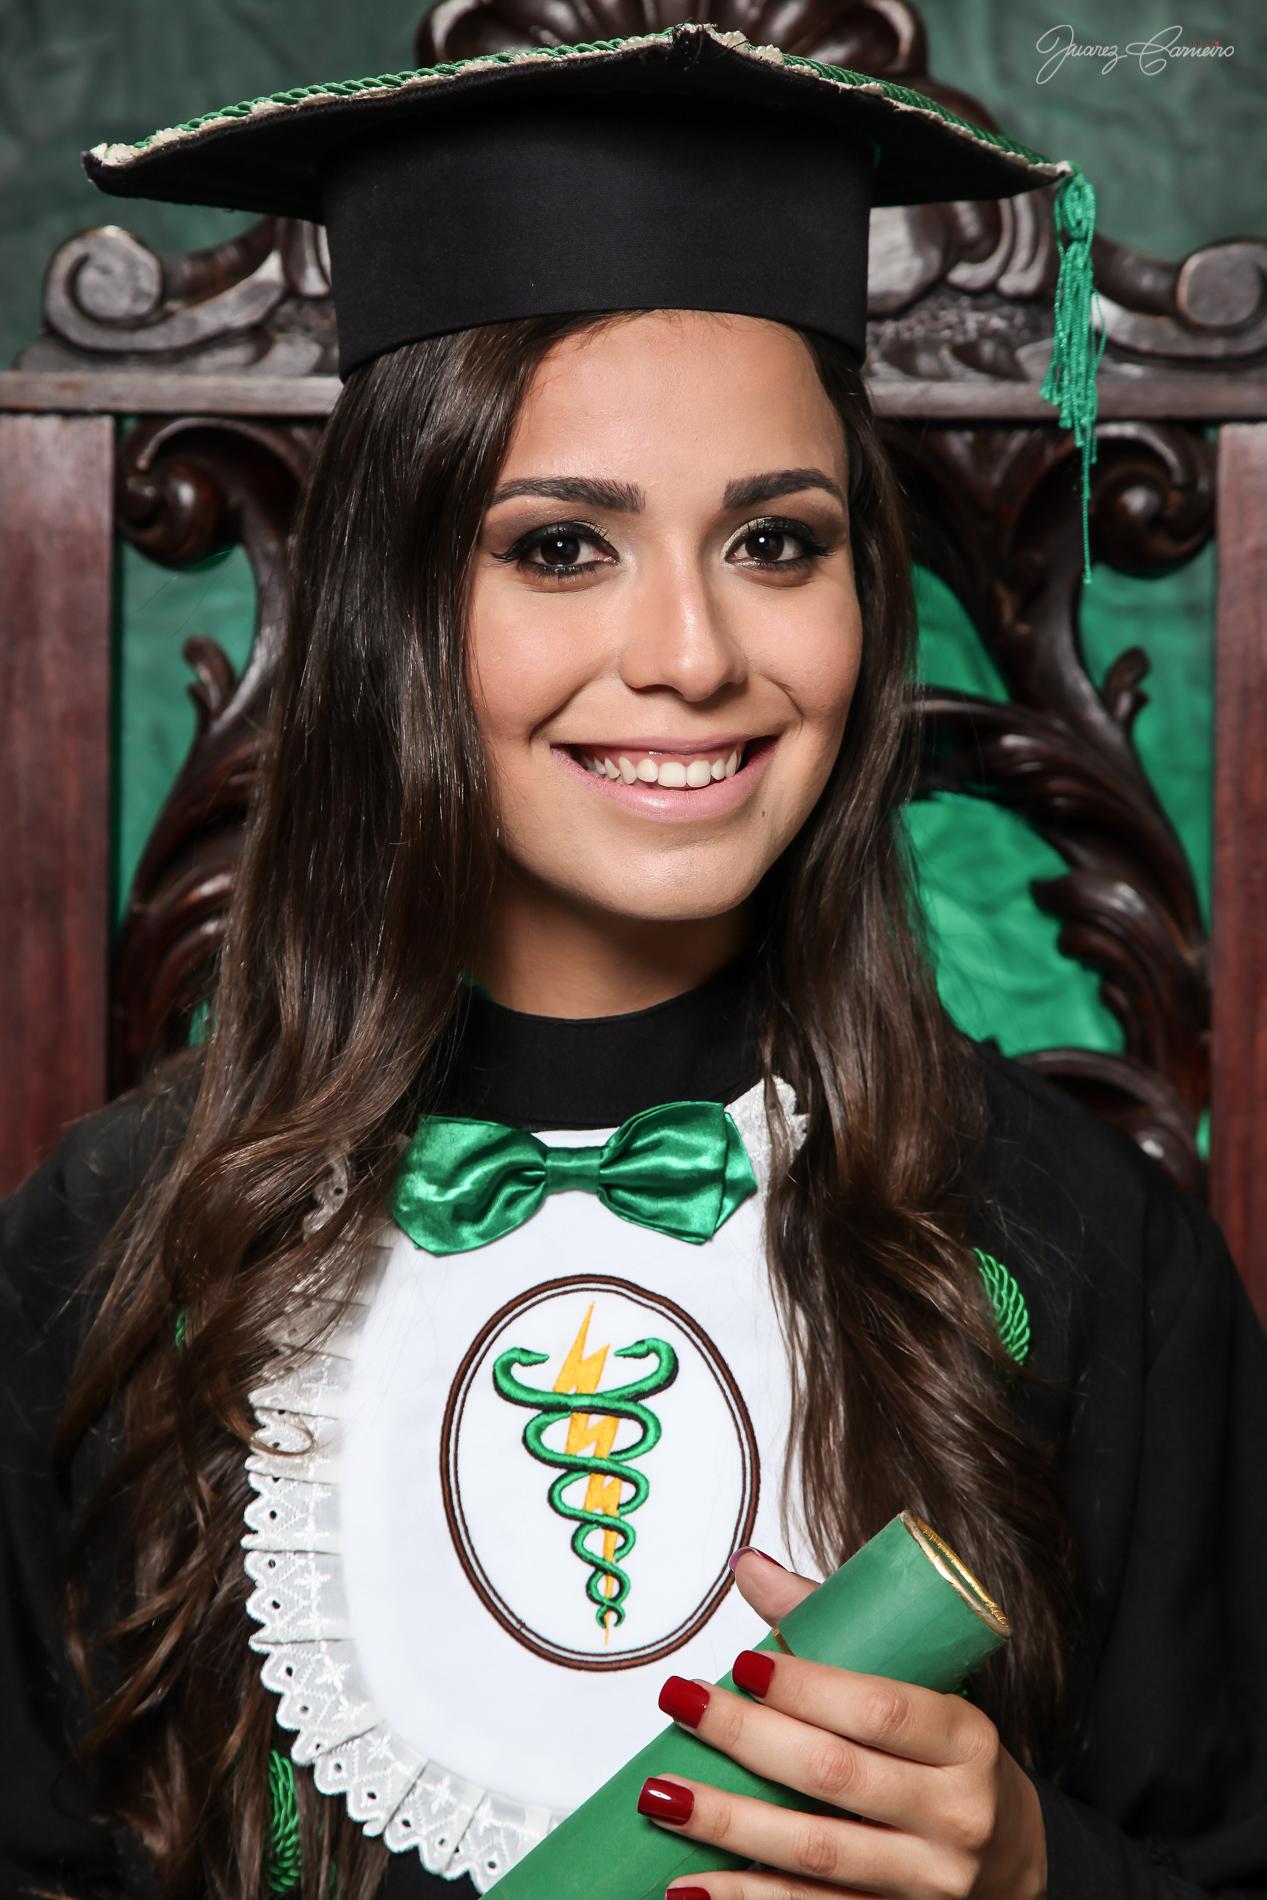 Raycina Ferreira